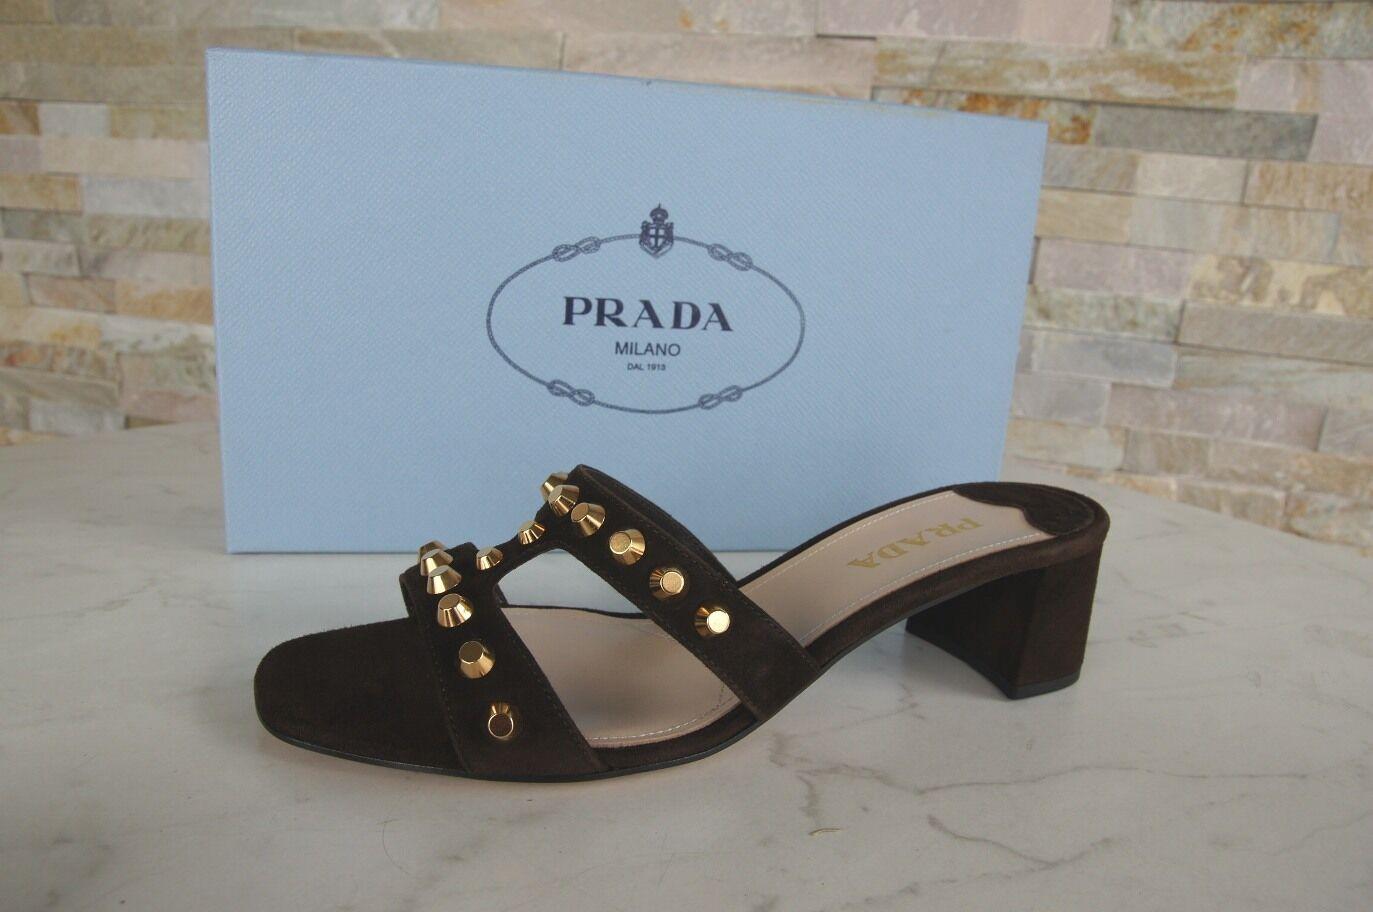 Prada sandalias sandalias sandalias, zapatos Teak marrón nuevo PVP